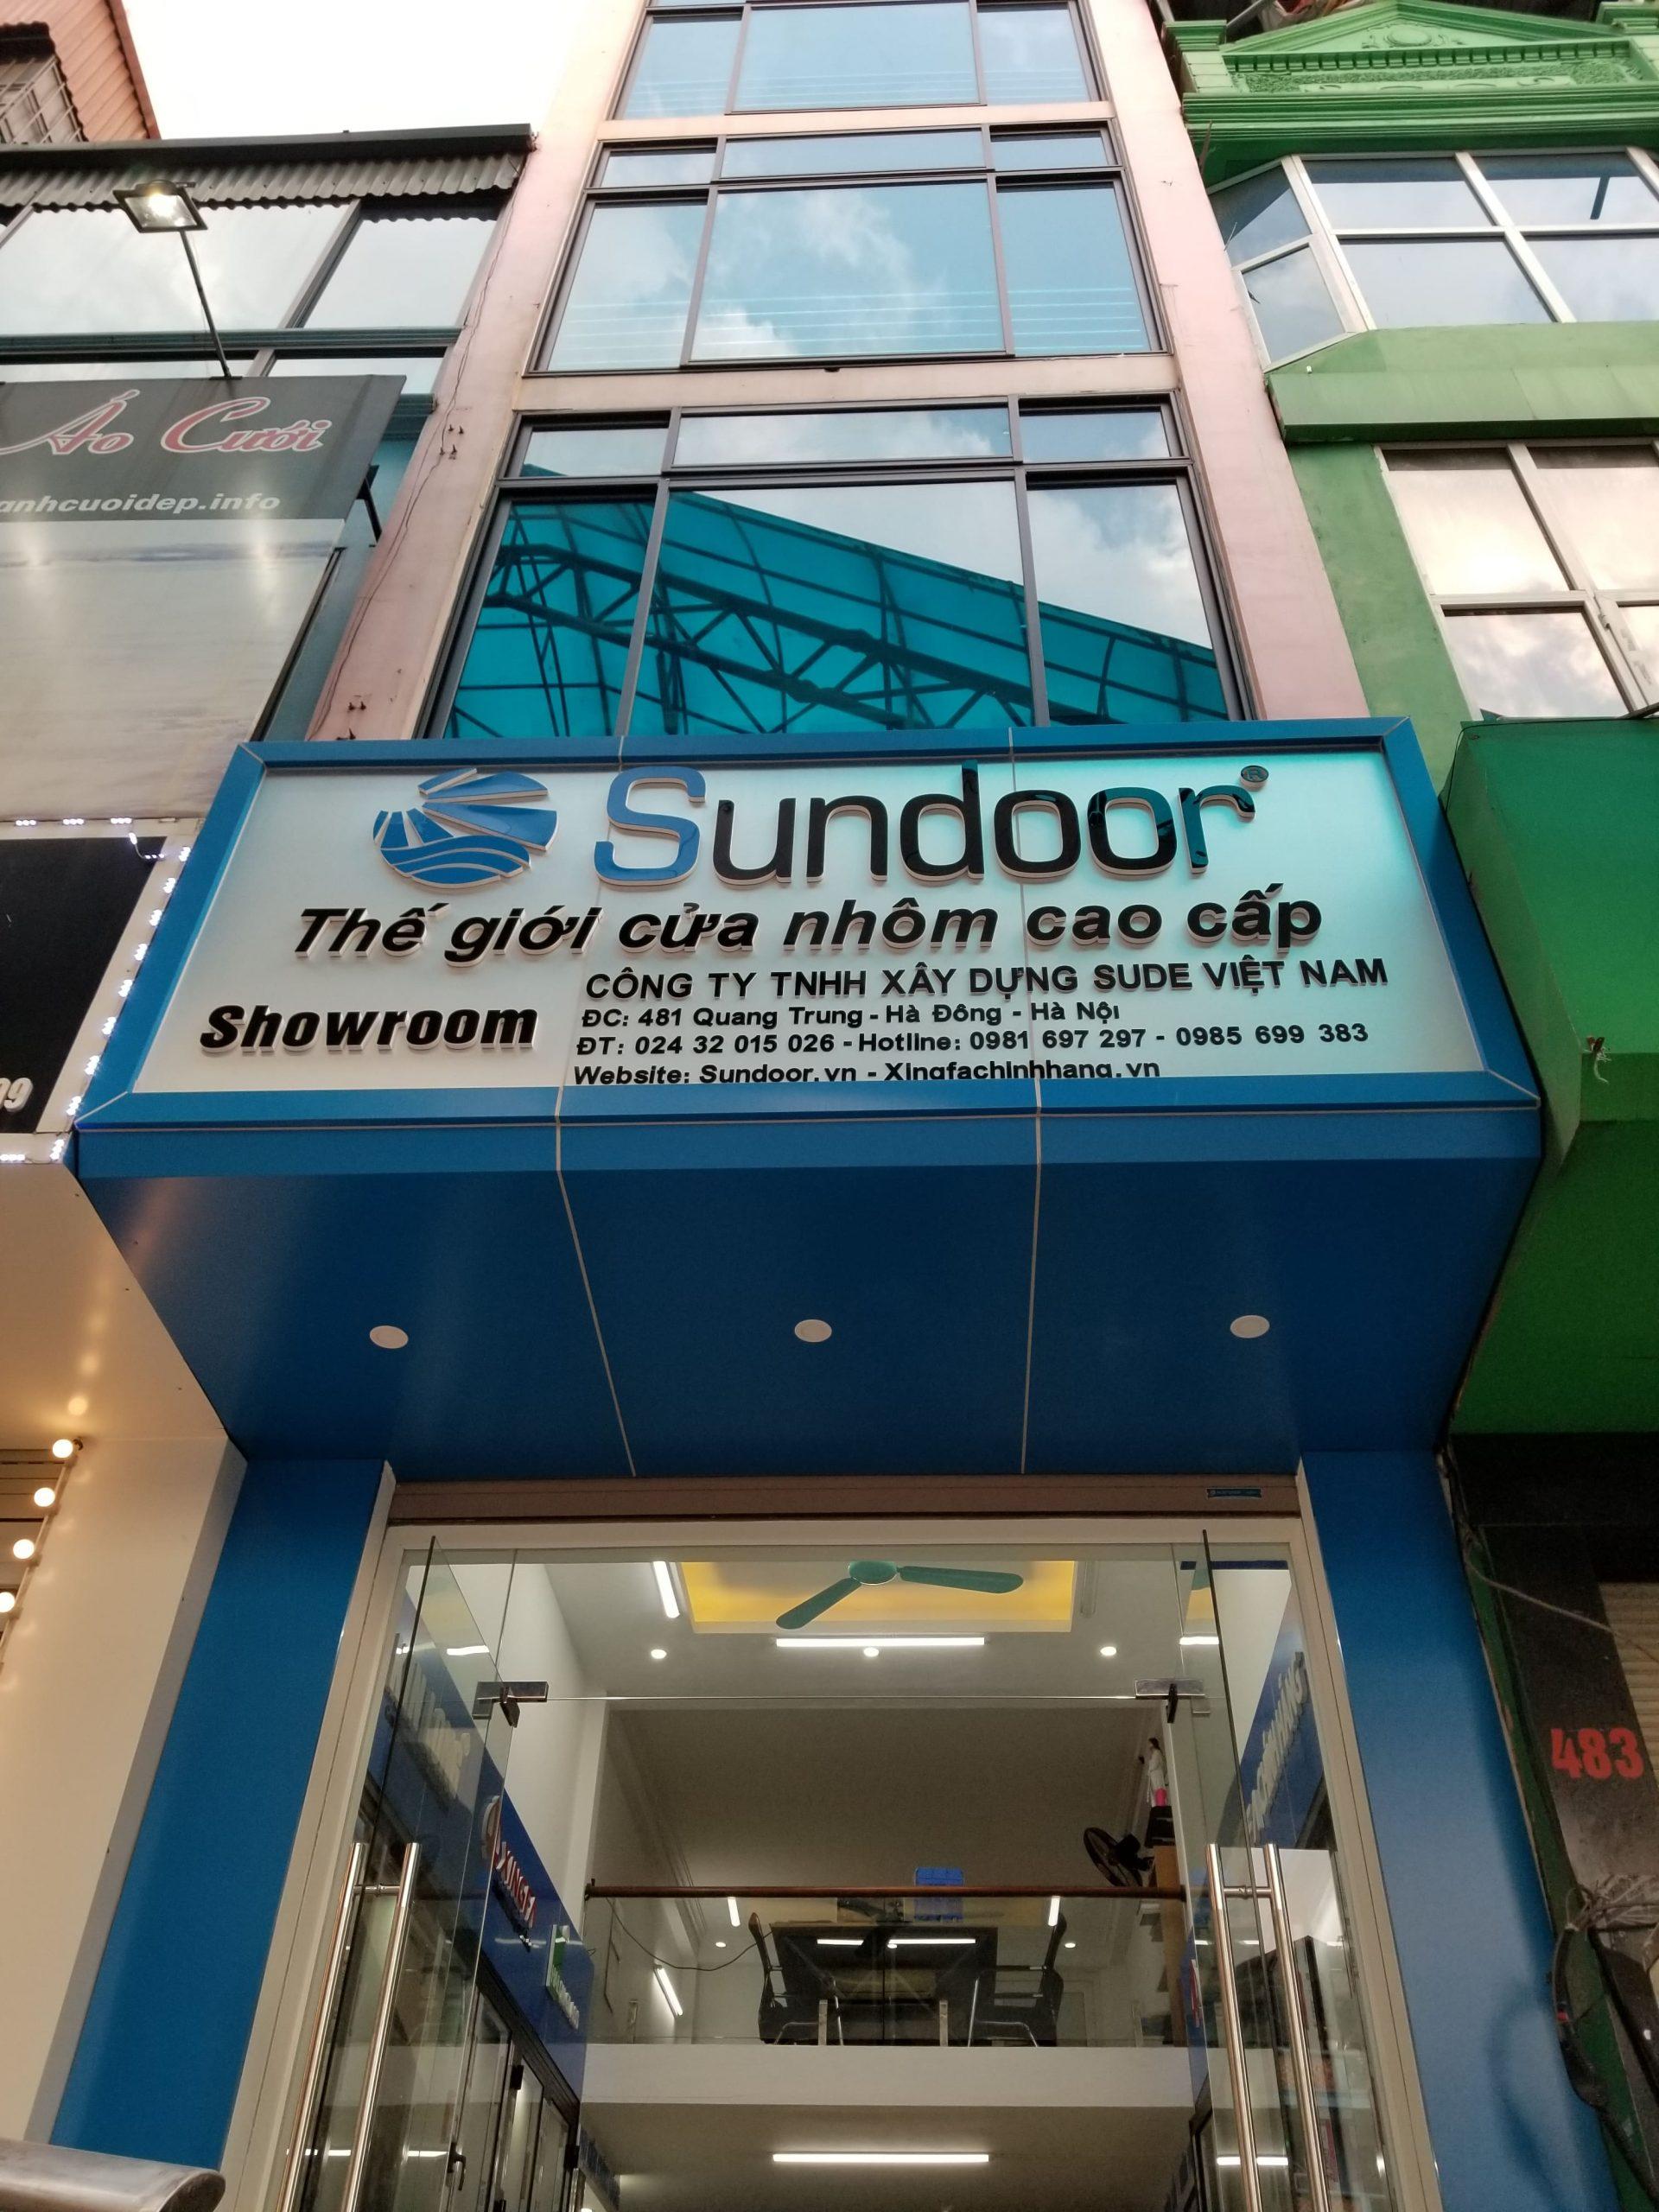 Showroom Sundoor